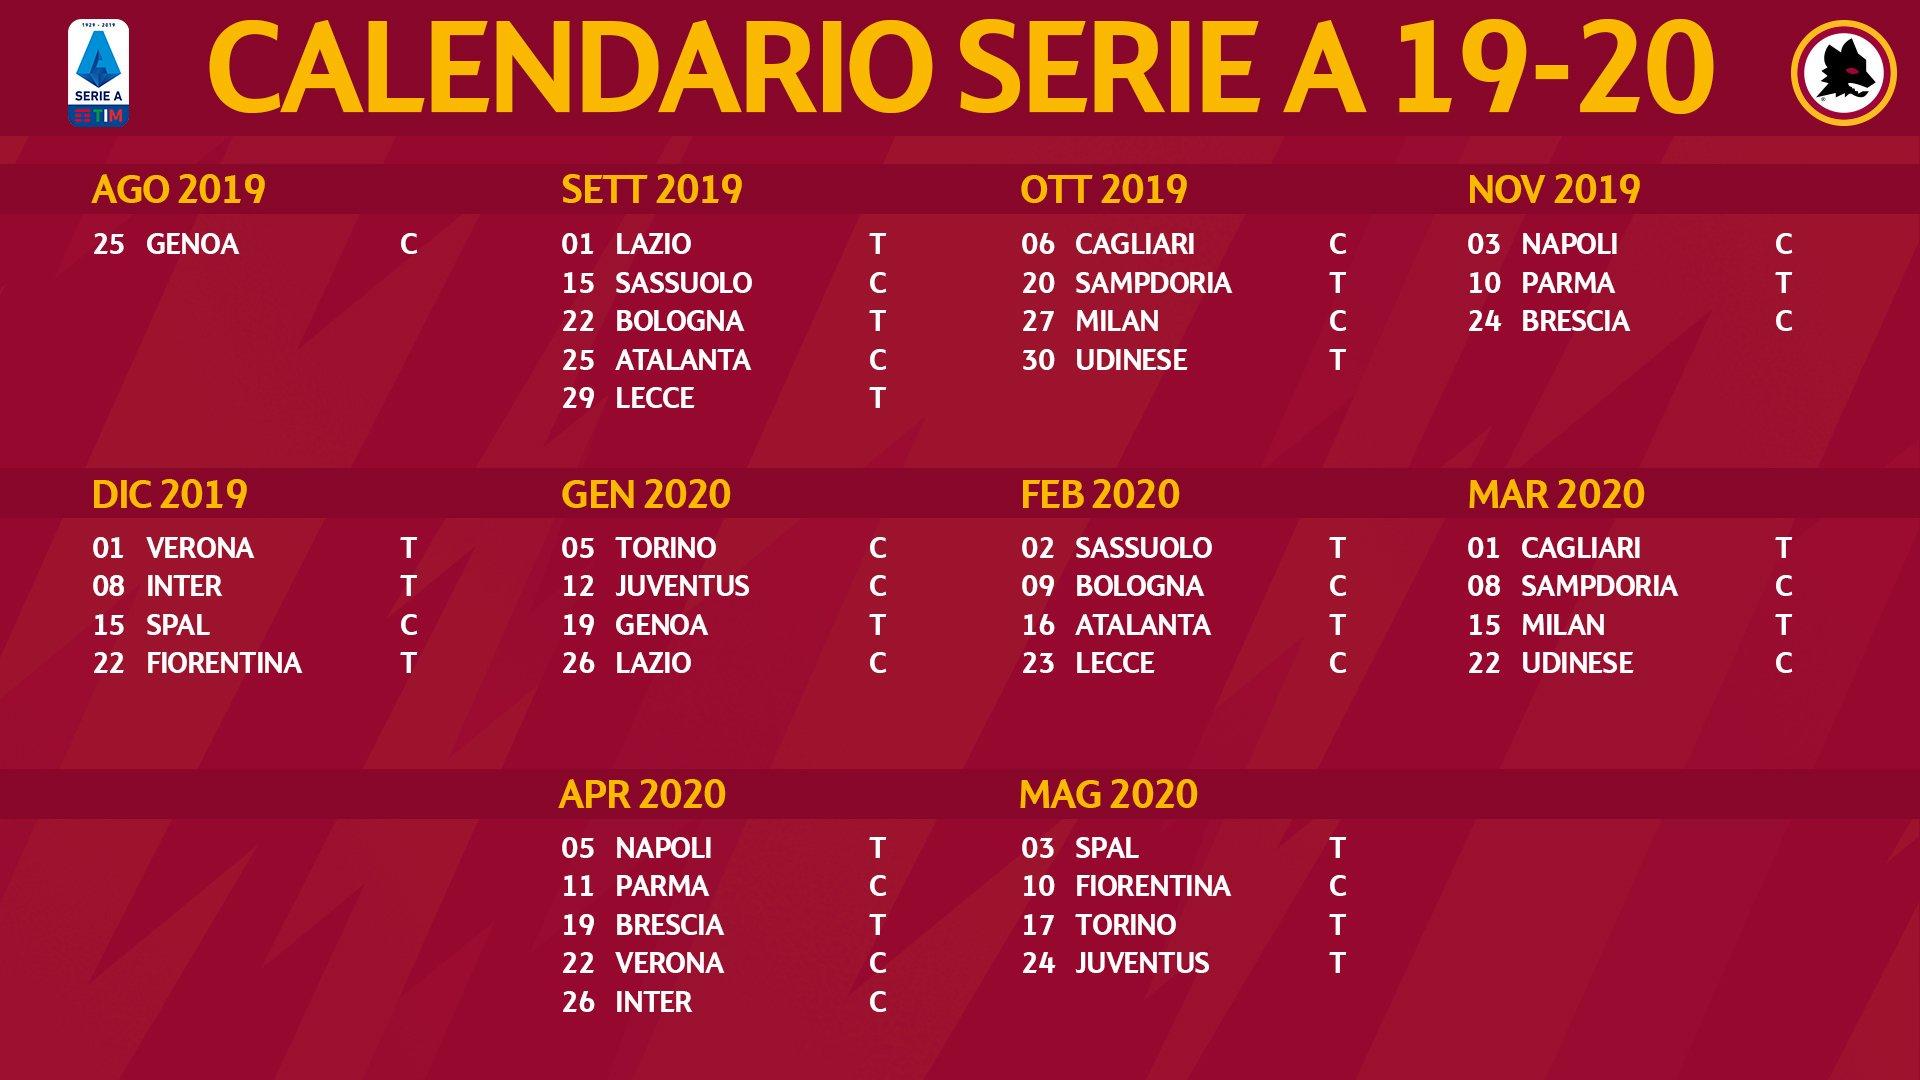 Calendario Serie B 2020 19.Calcio Saga 19 20